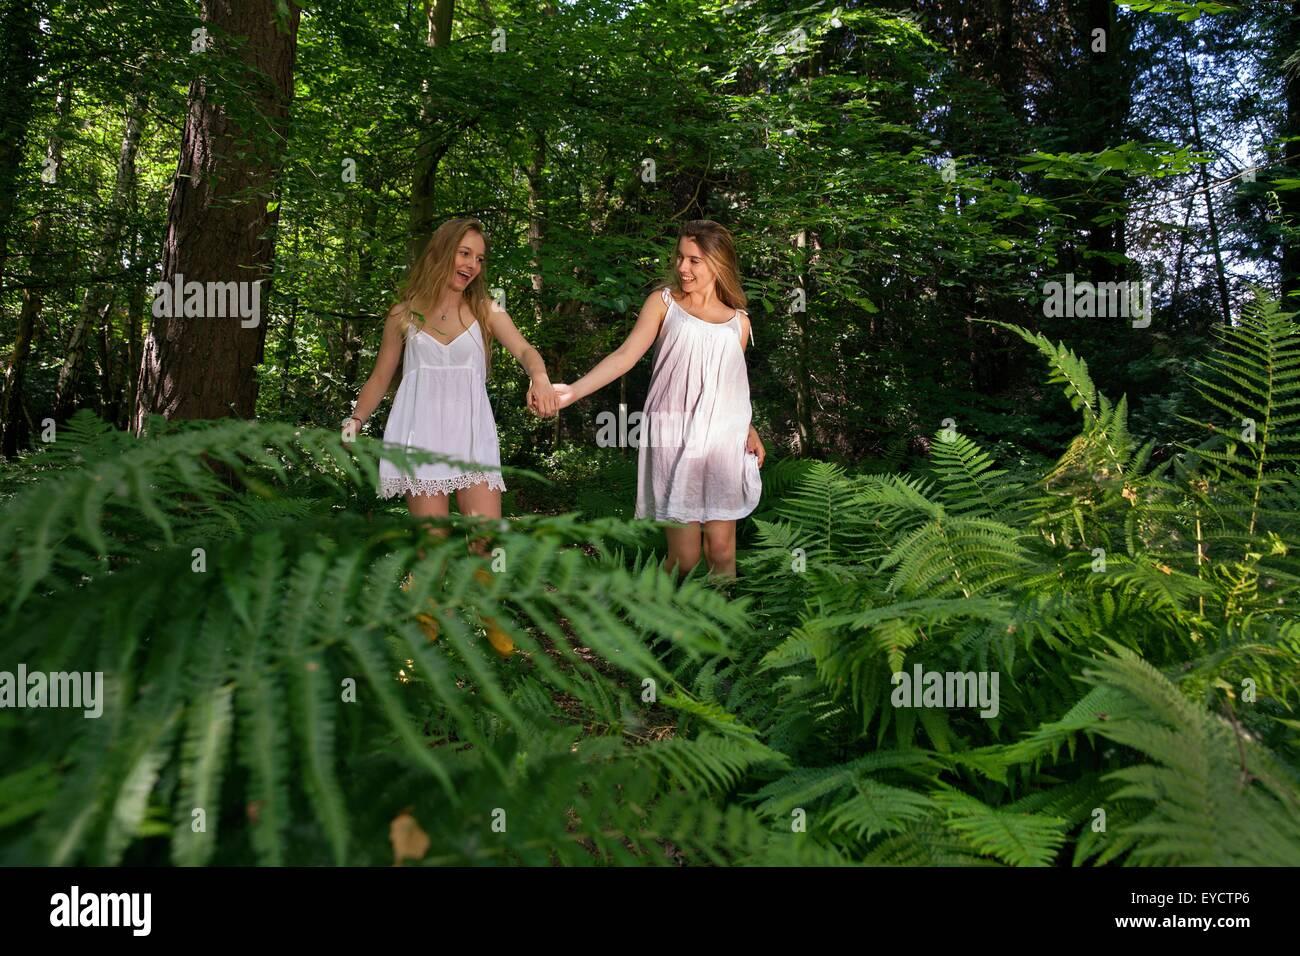 Dos chicas adolescentes caminando a través del bosque, de la mano Imagen De Stock